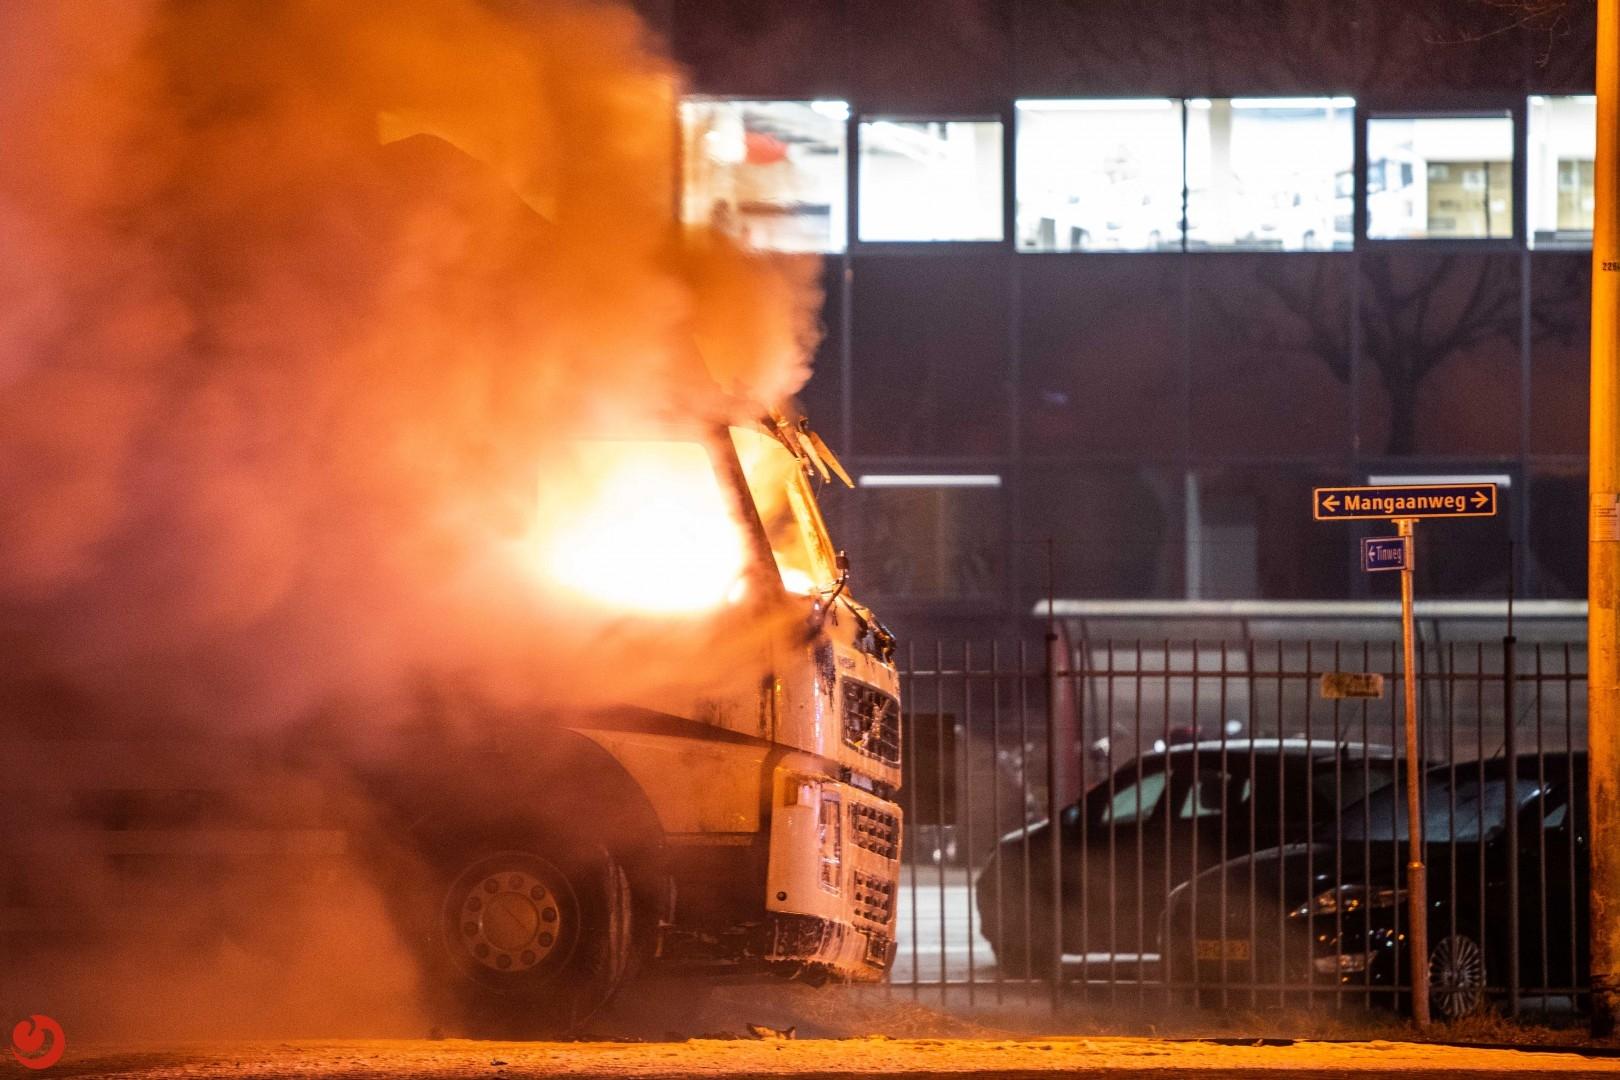 Vrachtwagencabine door brand verwoest